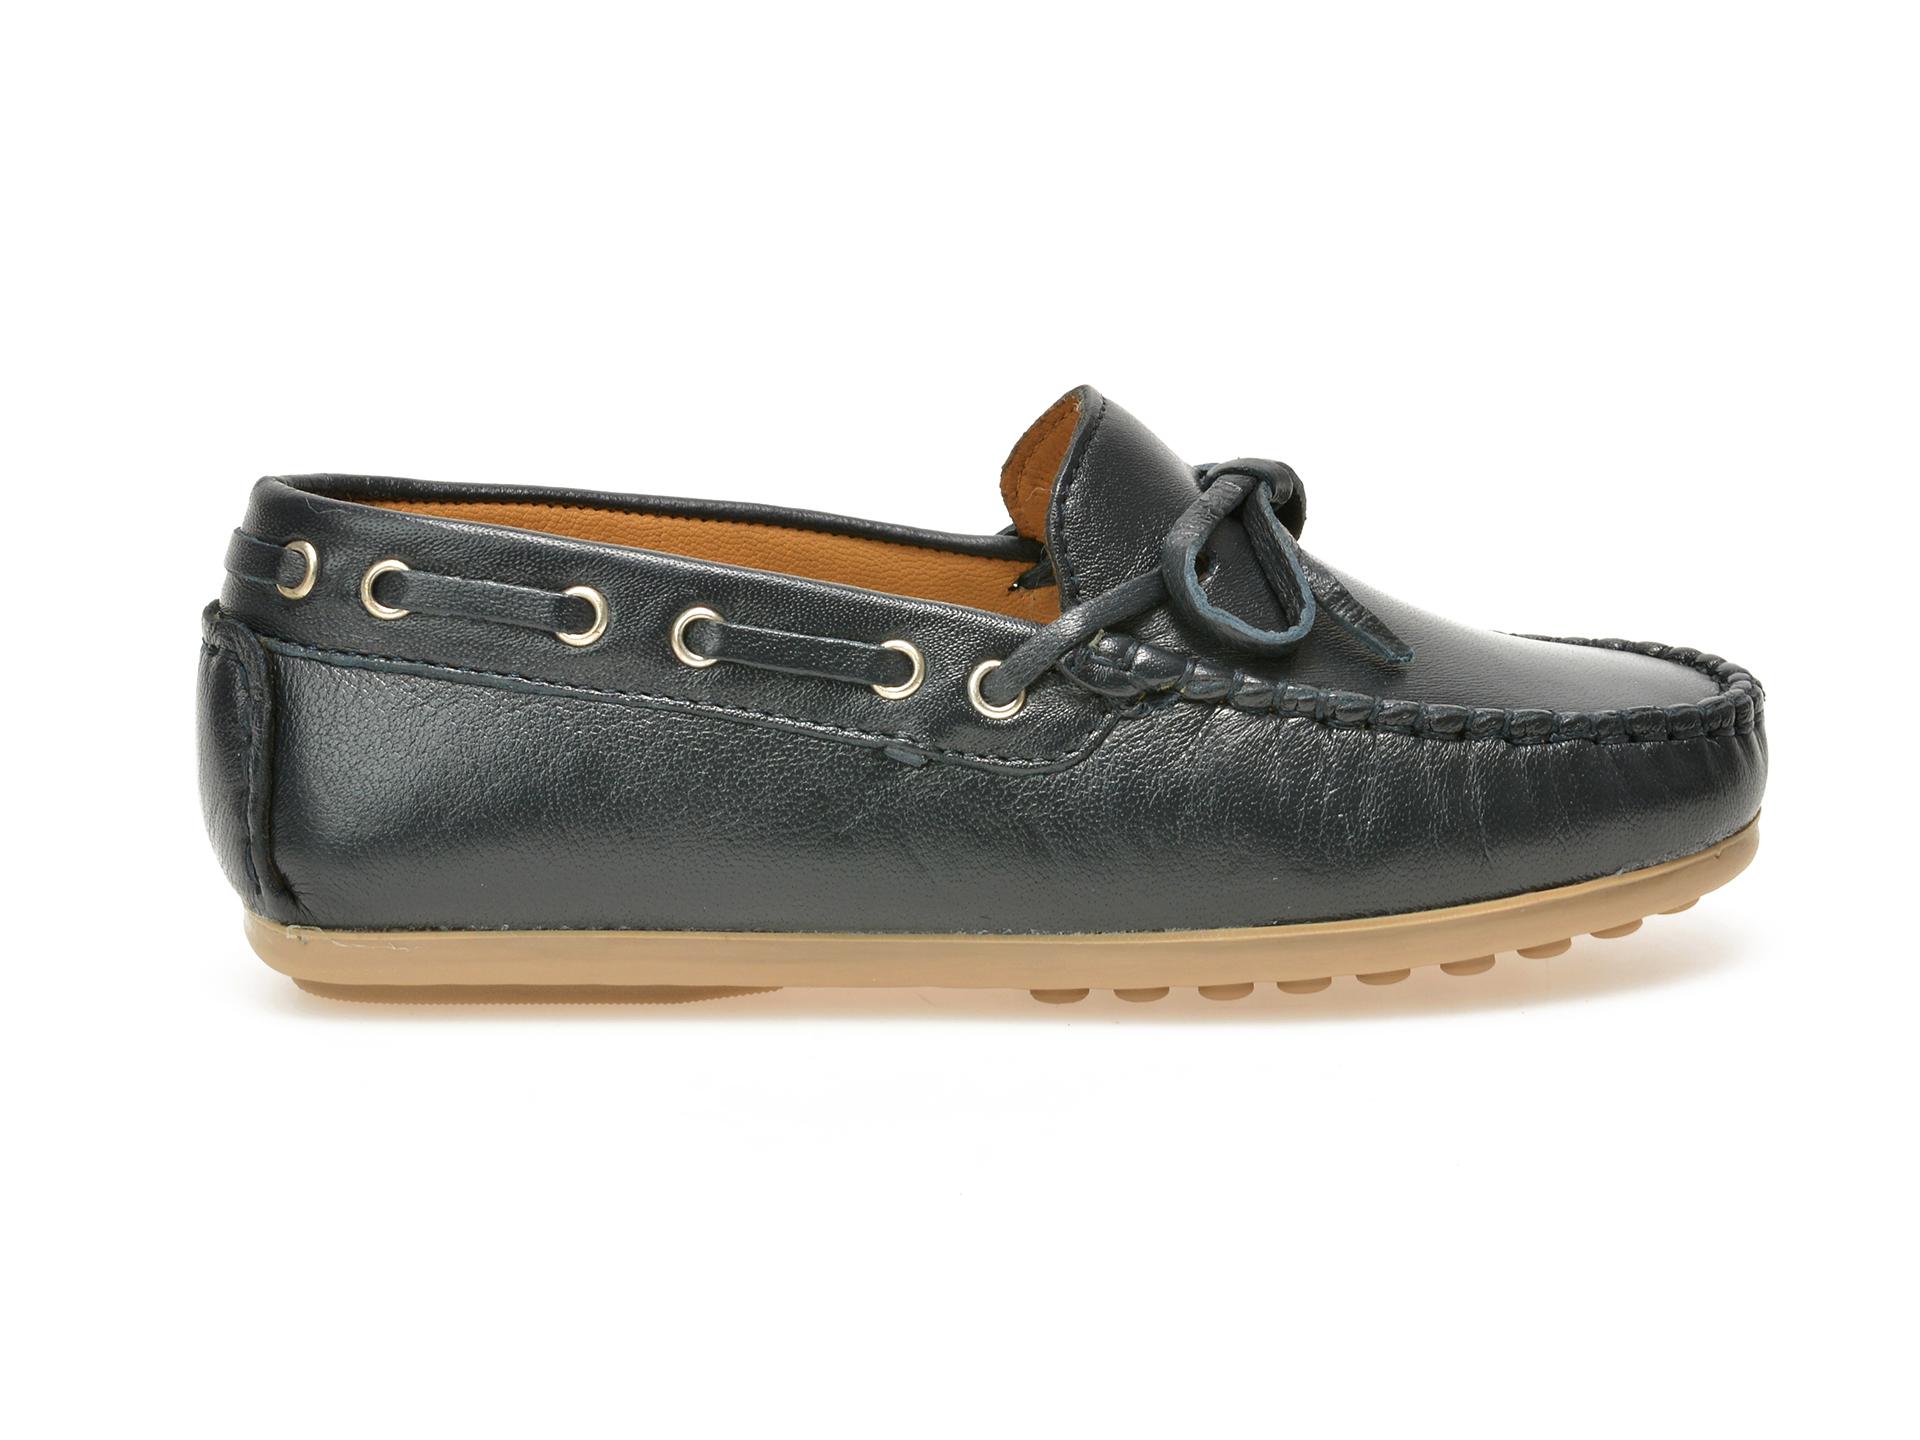 Pantofi Mocasini Pentru Copii Otter Bleumarin, 3001, Din Piele Naturala